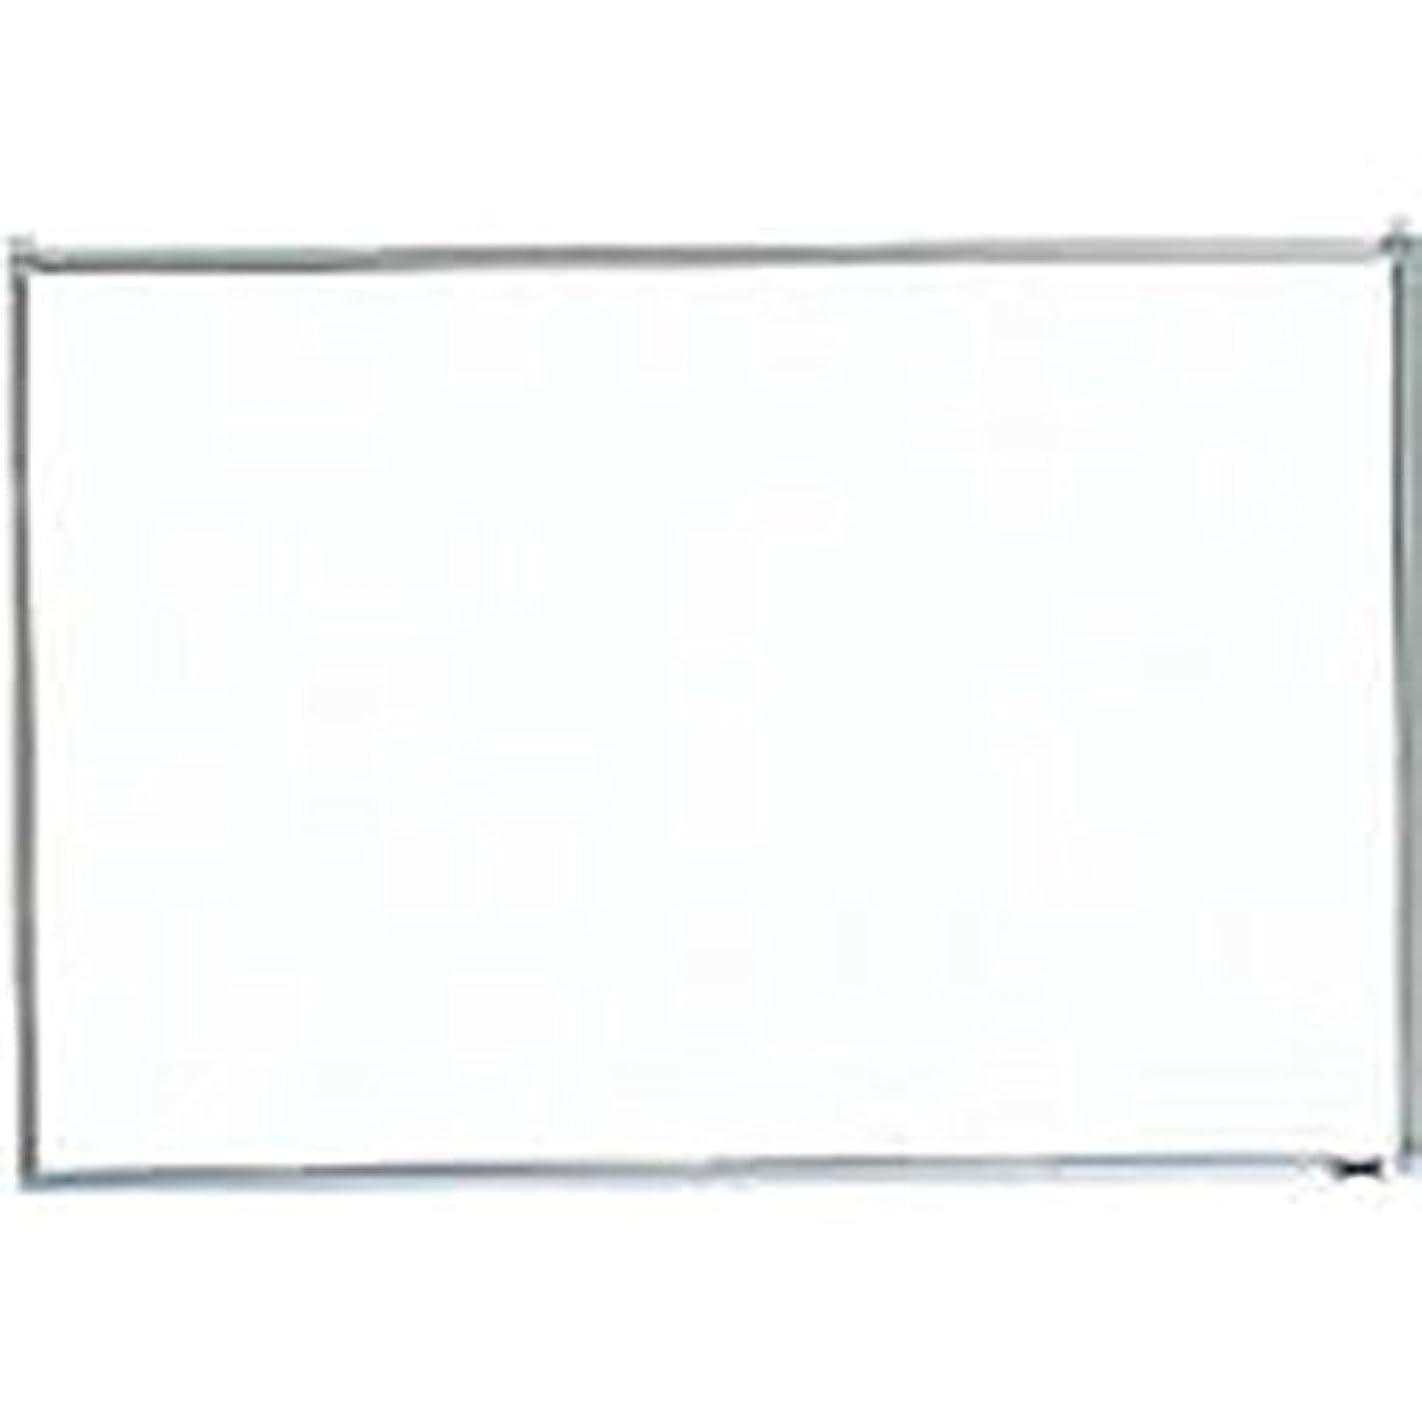 ピンポイントバイナリ理解するTRUSCO(トラスコ) スチール製ホワイトボード 白暗線入 900×1800 GH-102A